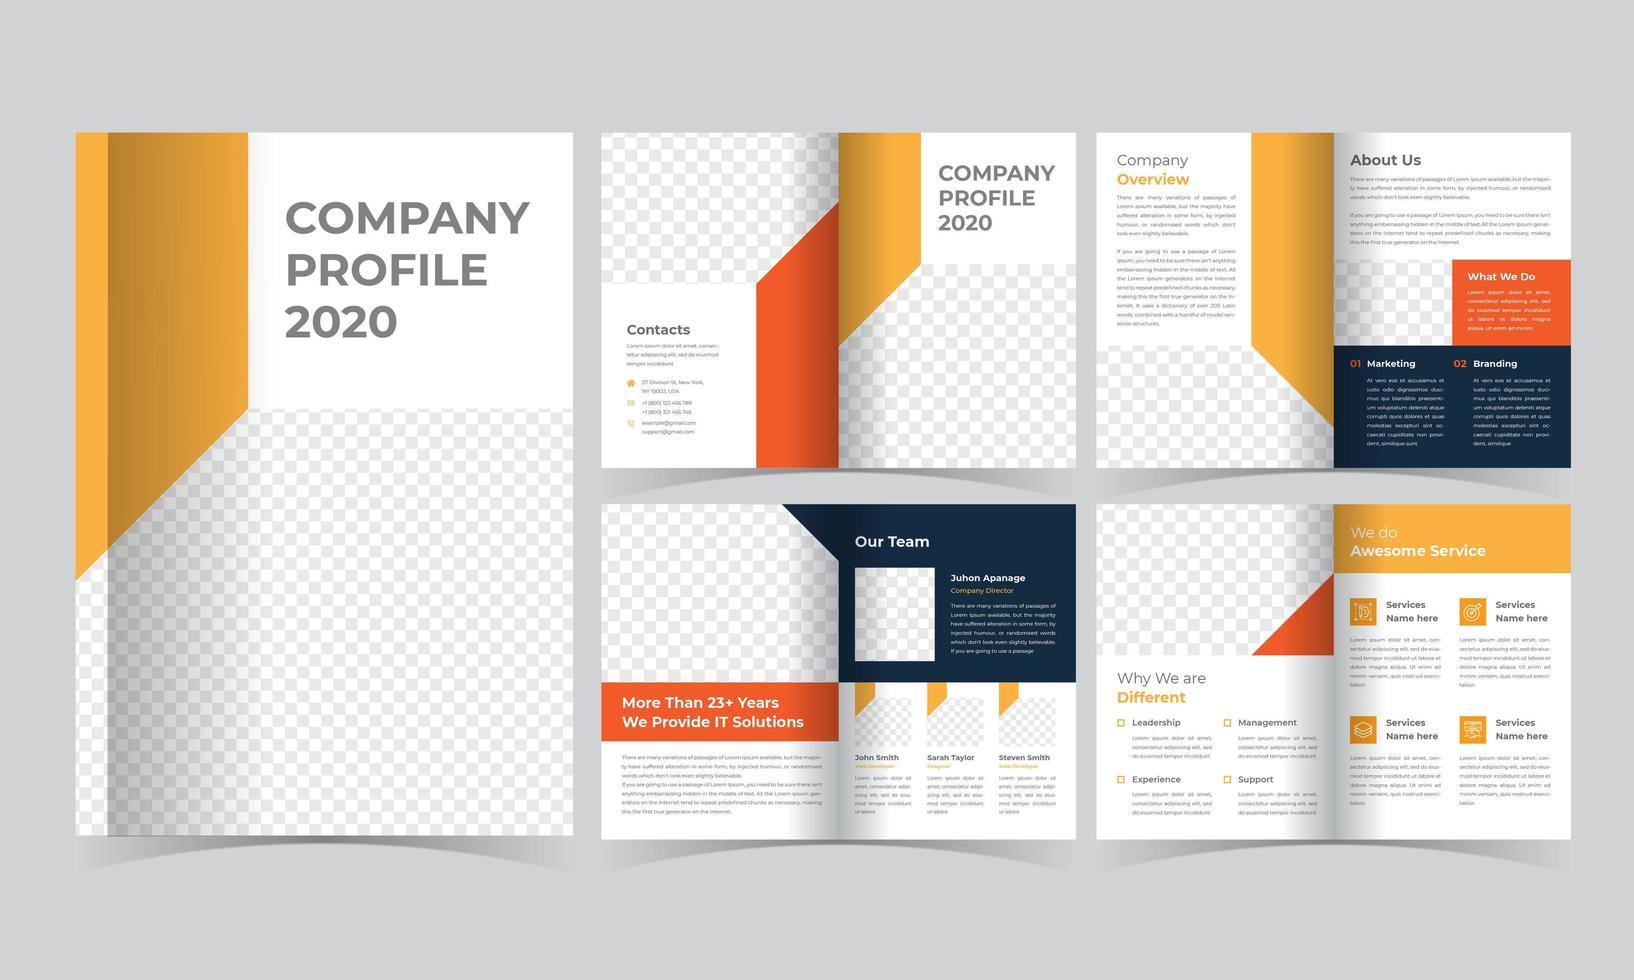 plantilla de folleto corporativo naranja y azul vector